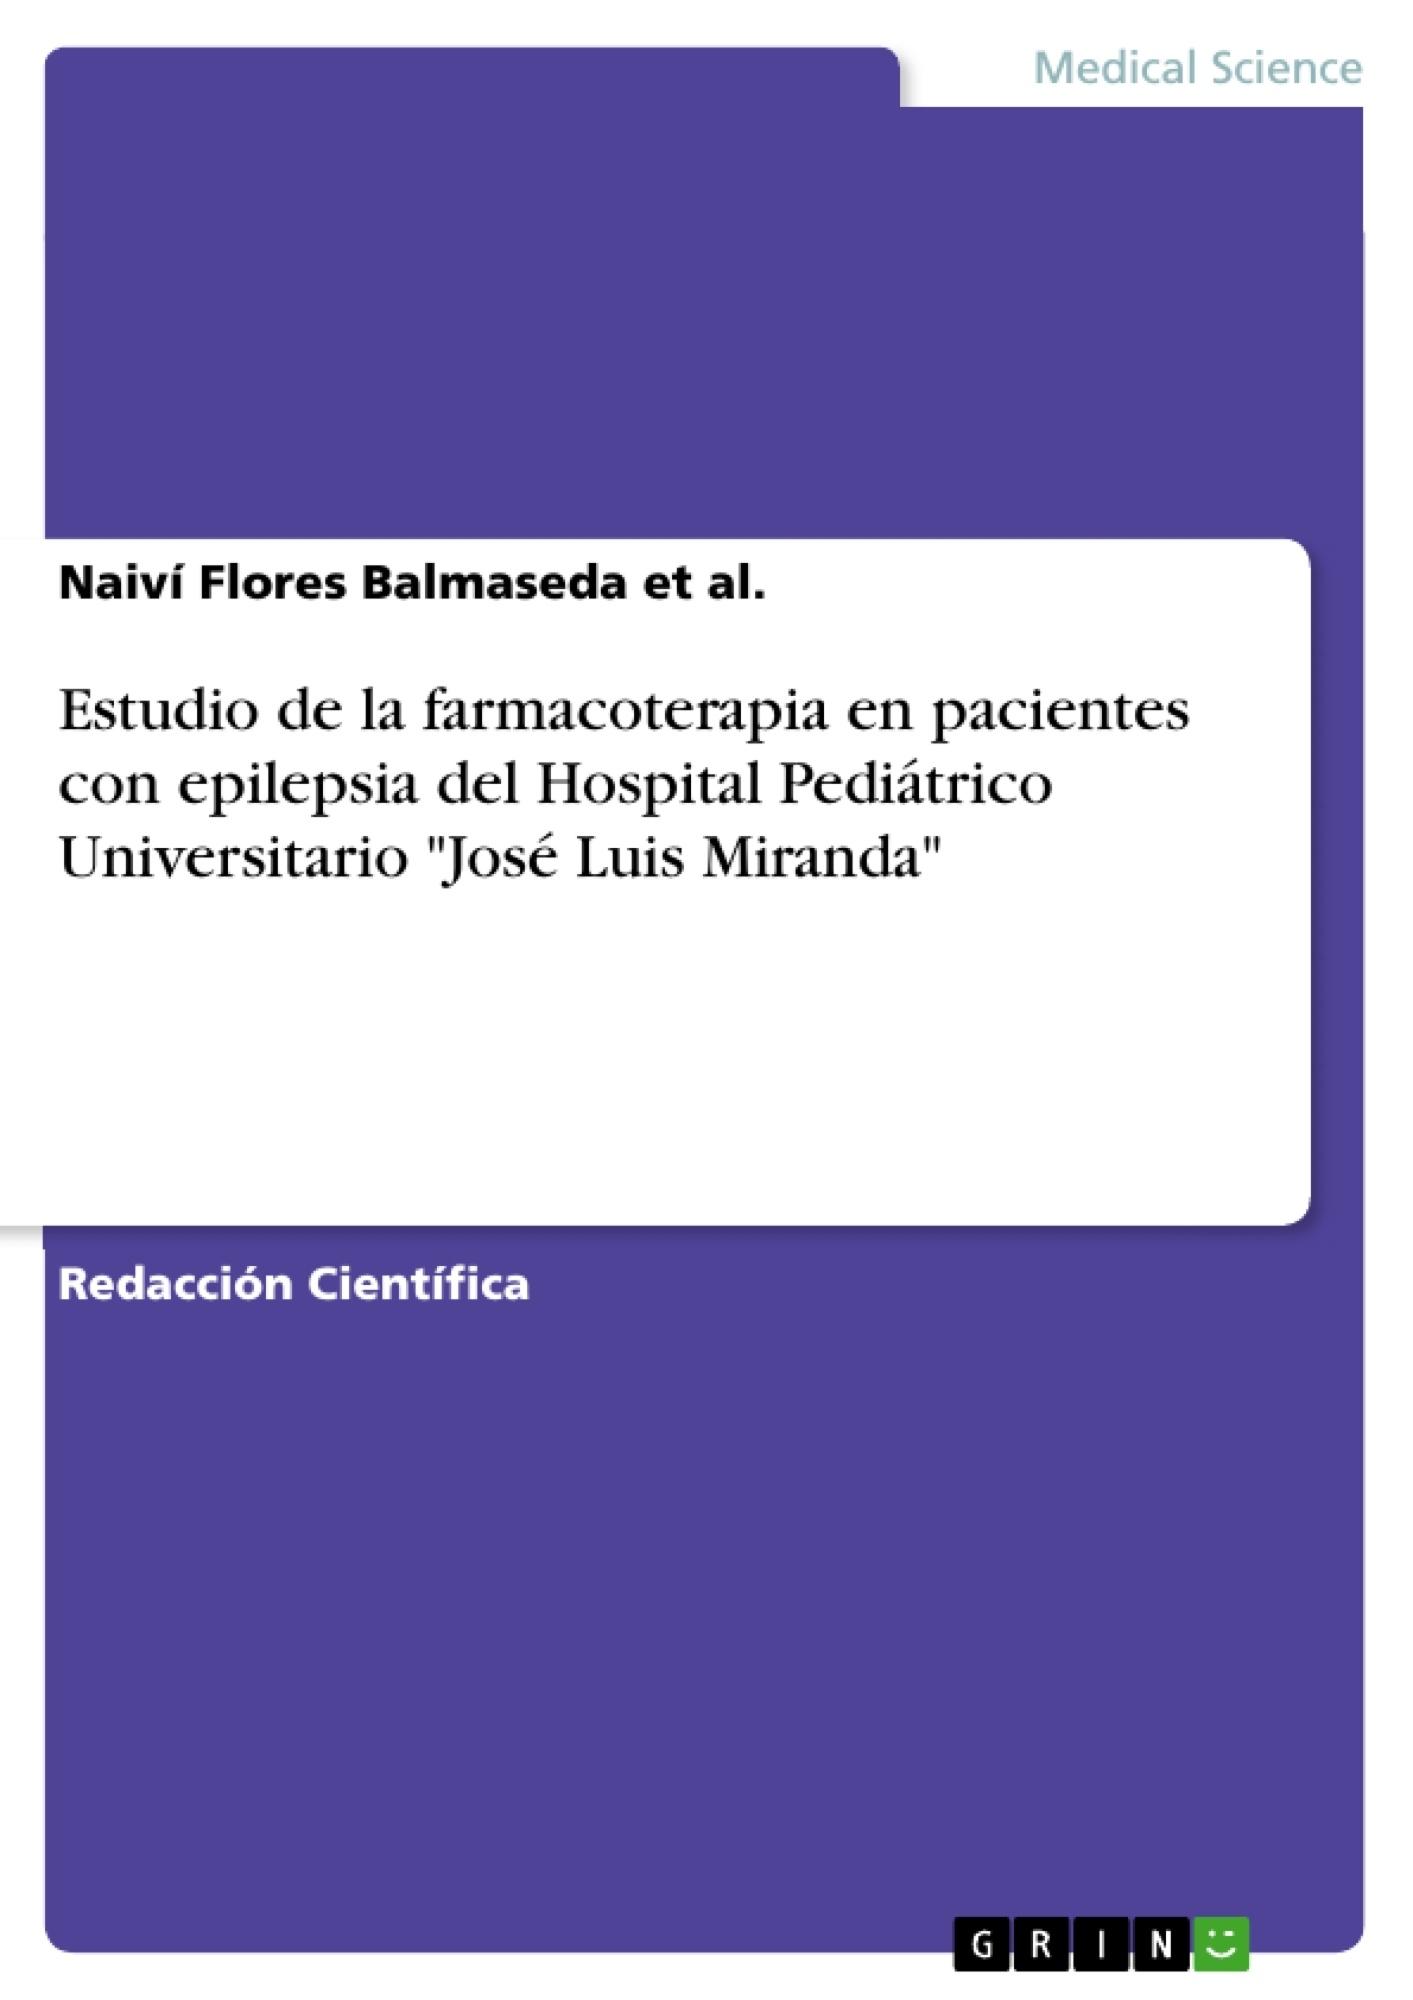 """Título: Estudio de la farmacoterapia en pacientes con epilepsia del Hospital Pediátrico Universitario """"José Luis Miranda"""""""